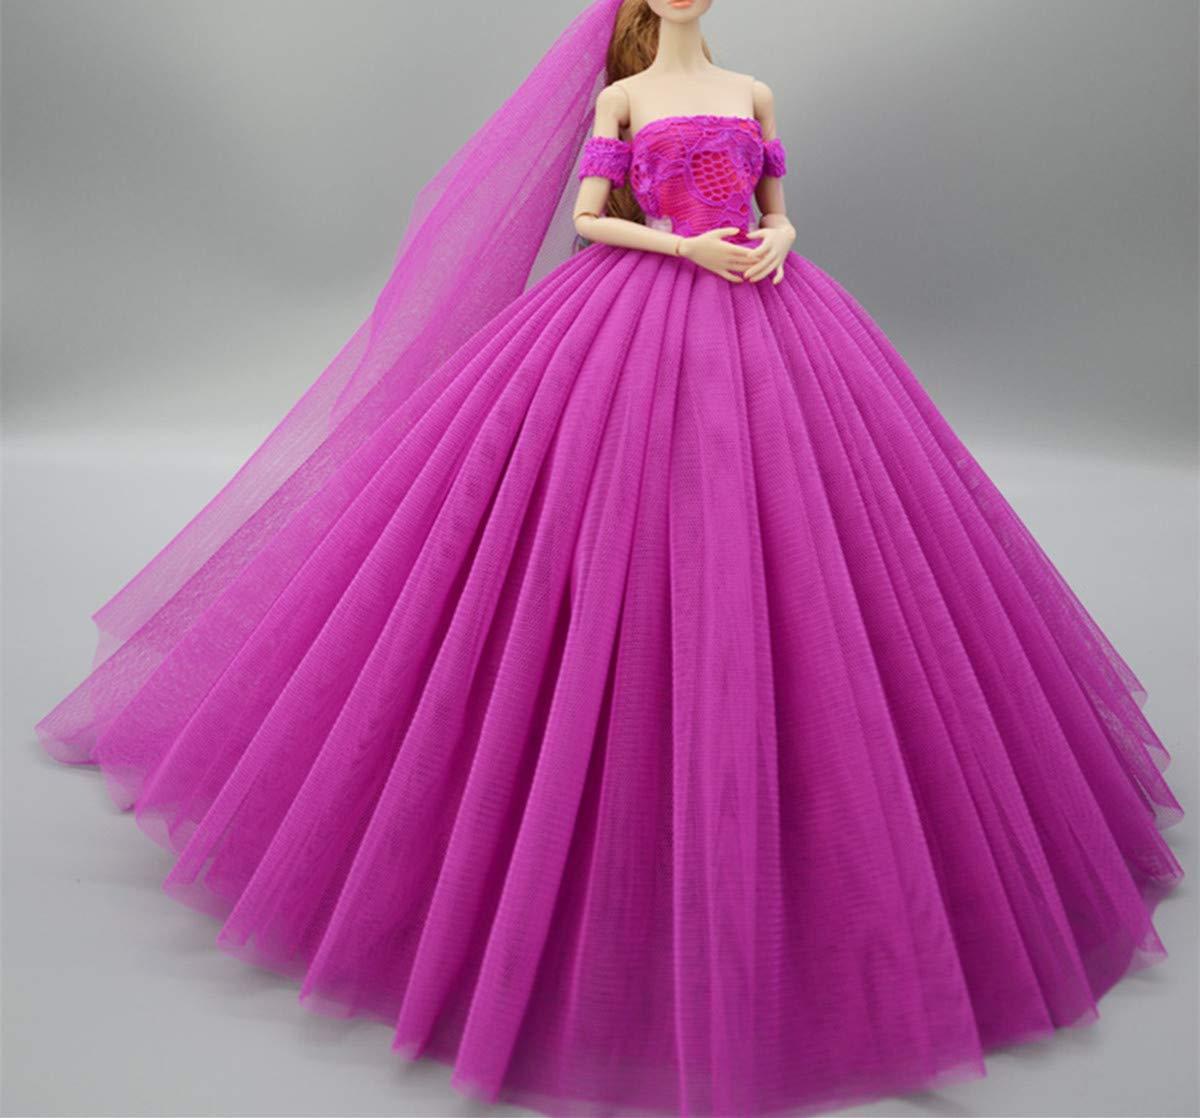 2 Fantas/ía Hecho a mano Vestido de novia el 11,5 para barbie Doll//Vestido de mu/ñeca//Accesorios de las mu/ñecas